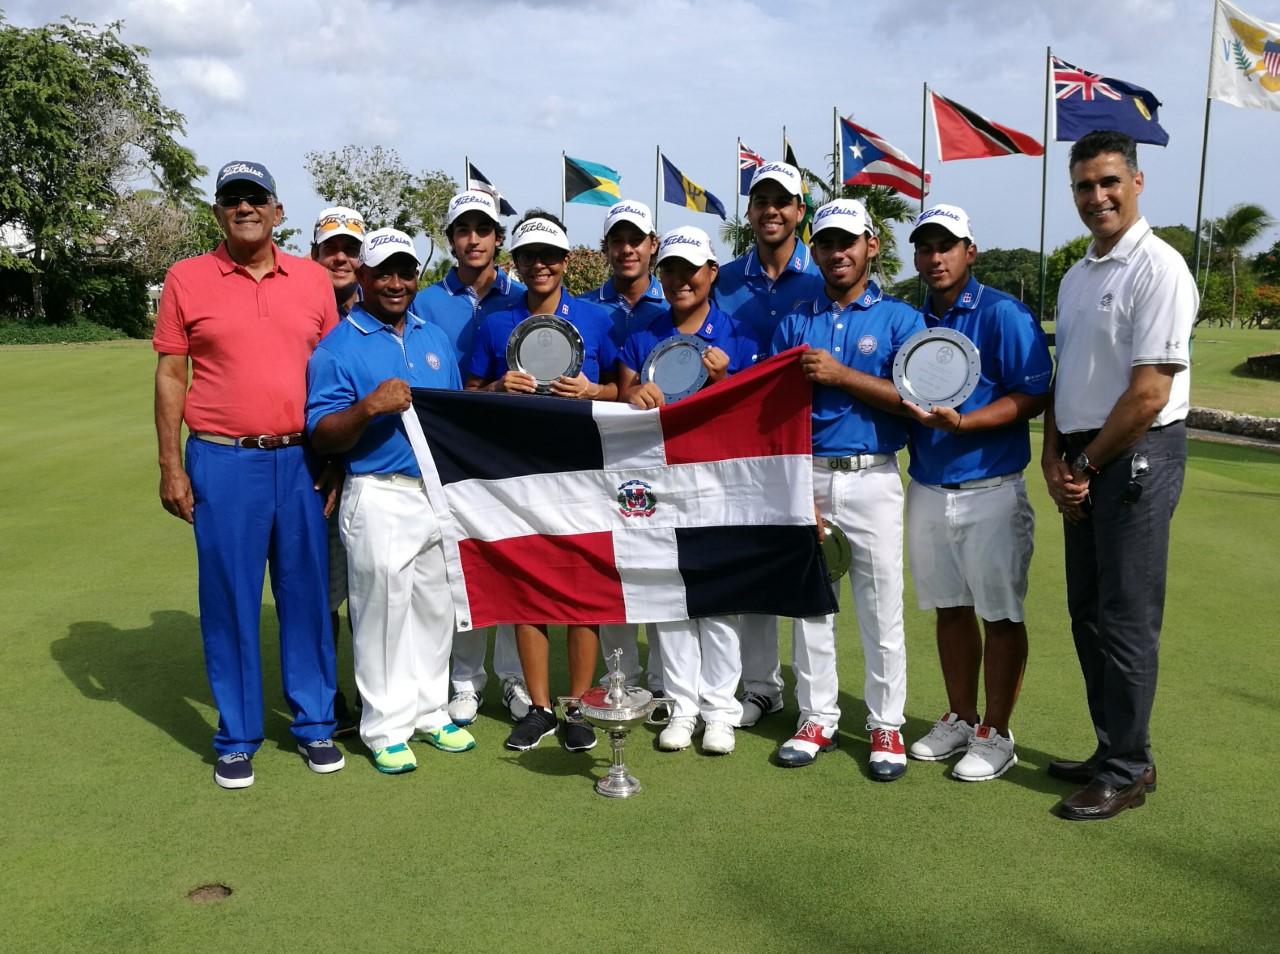 Equipo RD conquista corona Hoerman Cup en campeonatos golf del Caribe